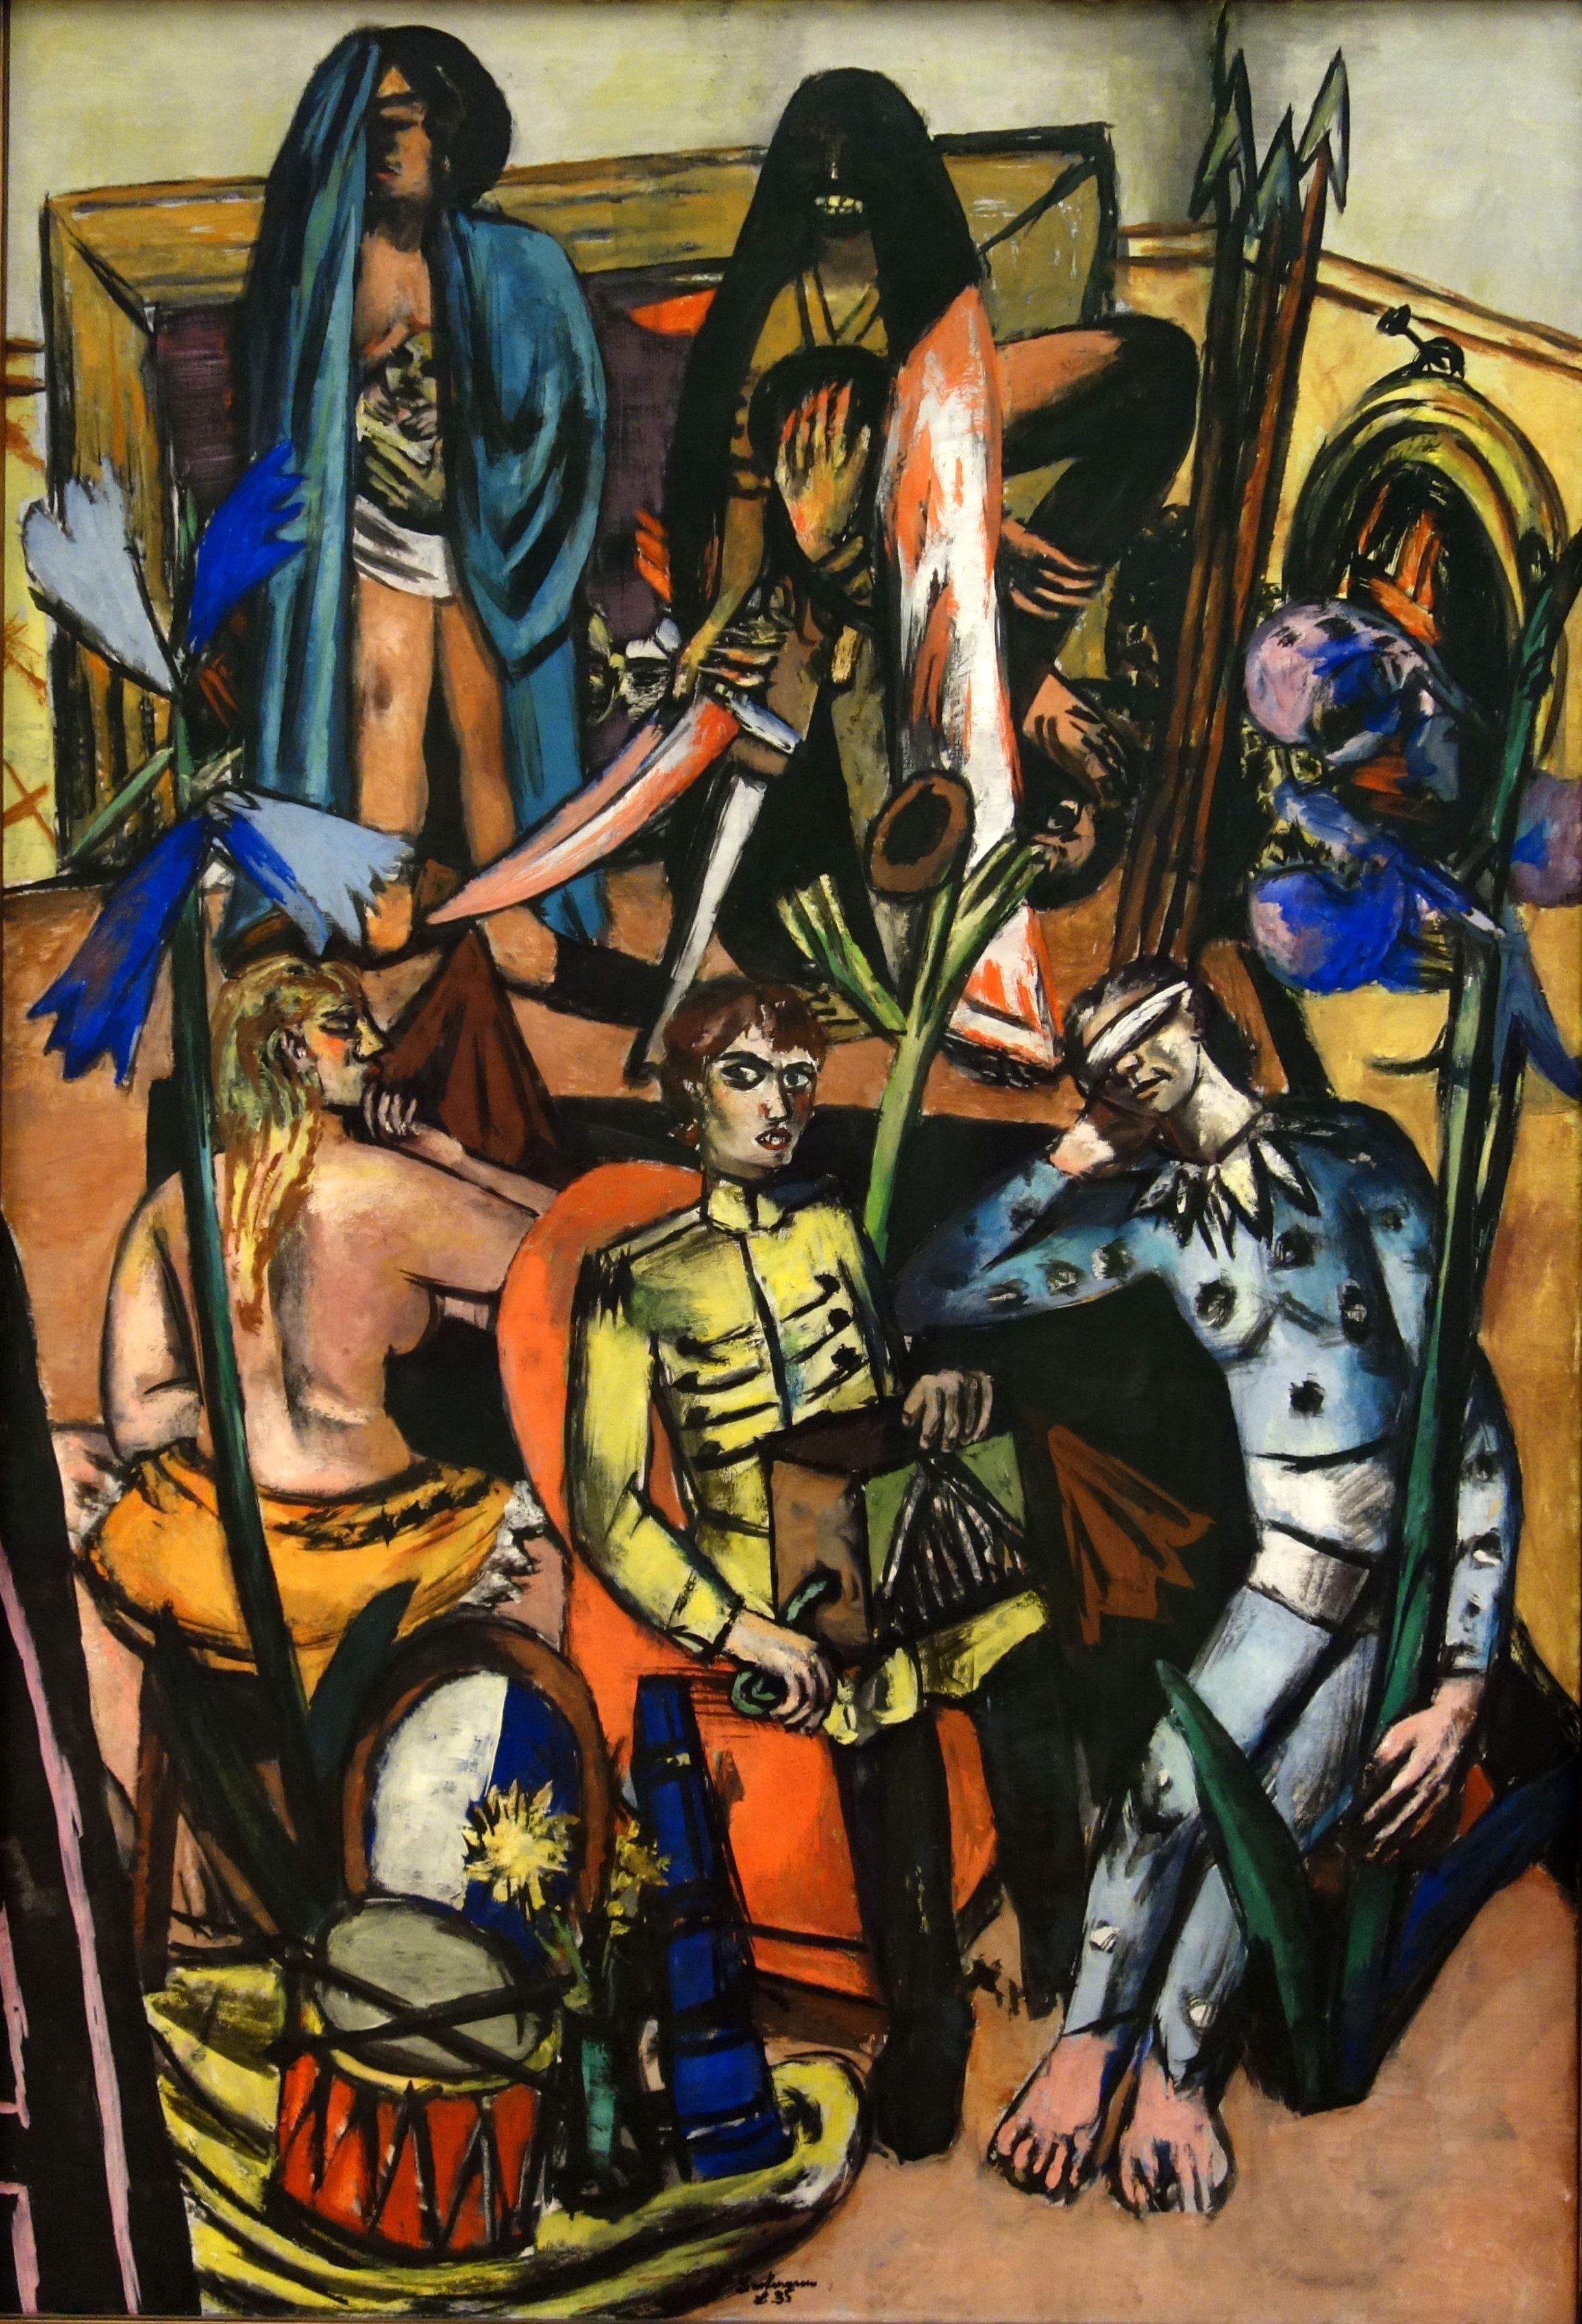 Der Leiermann Max Beckmann 1935 Museum Ludwig Koln Max Beckmann German Art German Expressionism